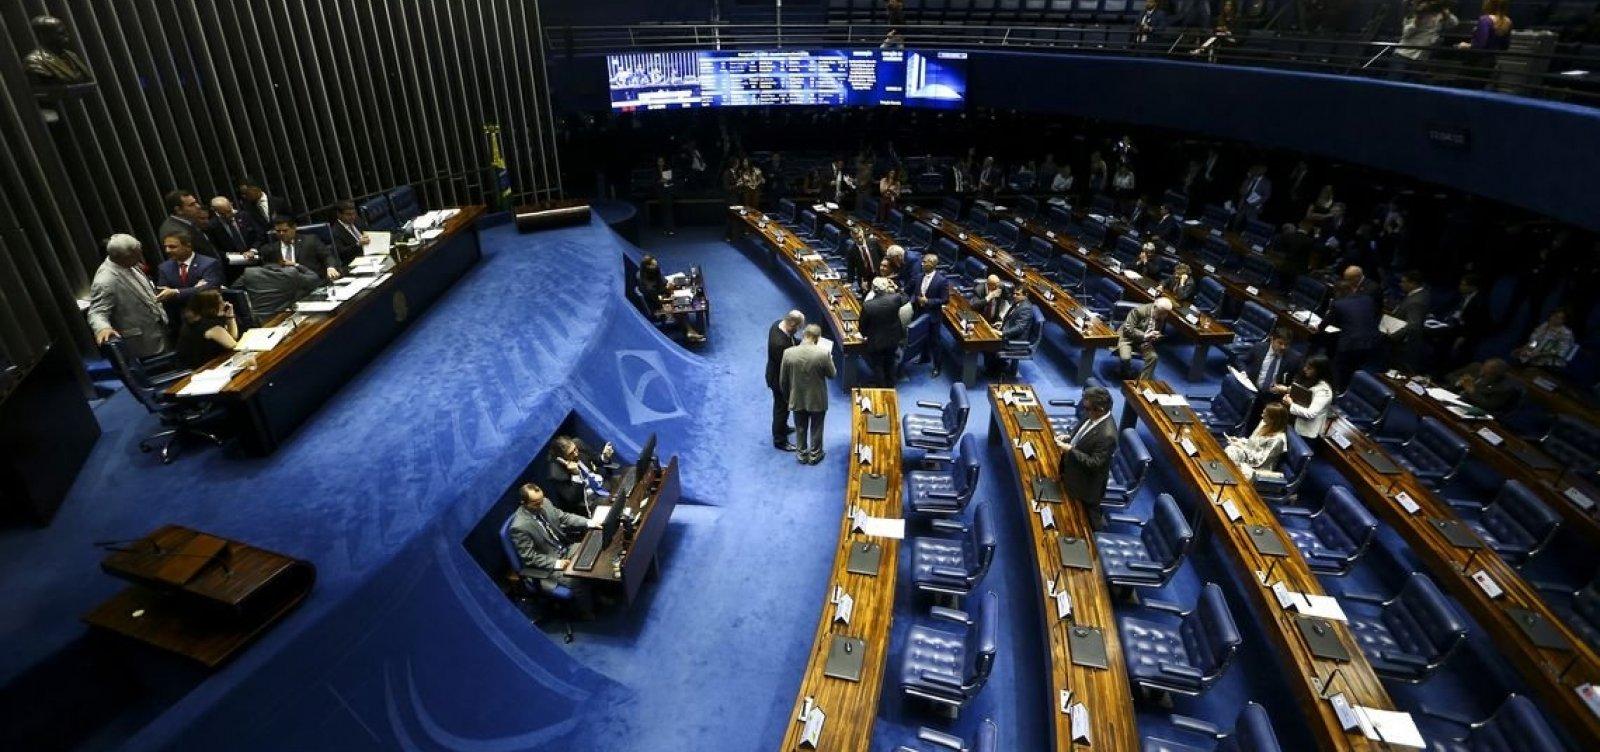 [Reforma da Previdência: Senado vota proposta em segundo turno nesta terça]